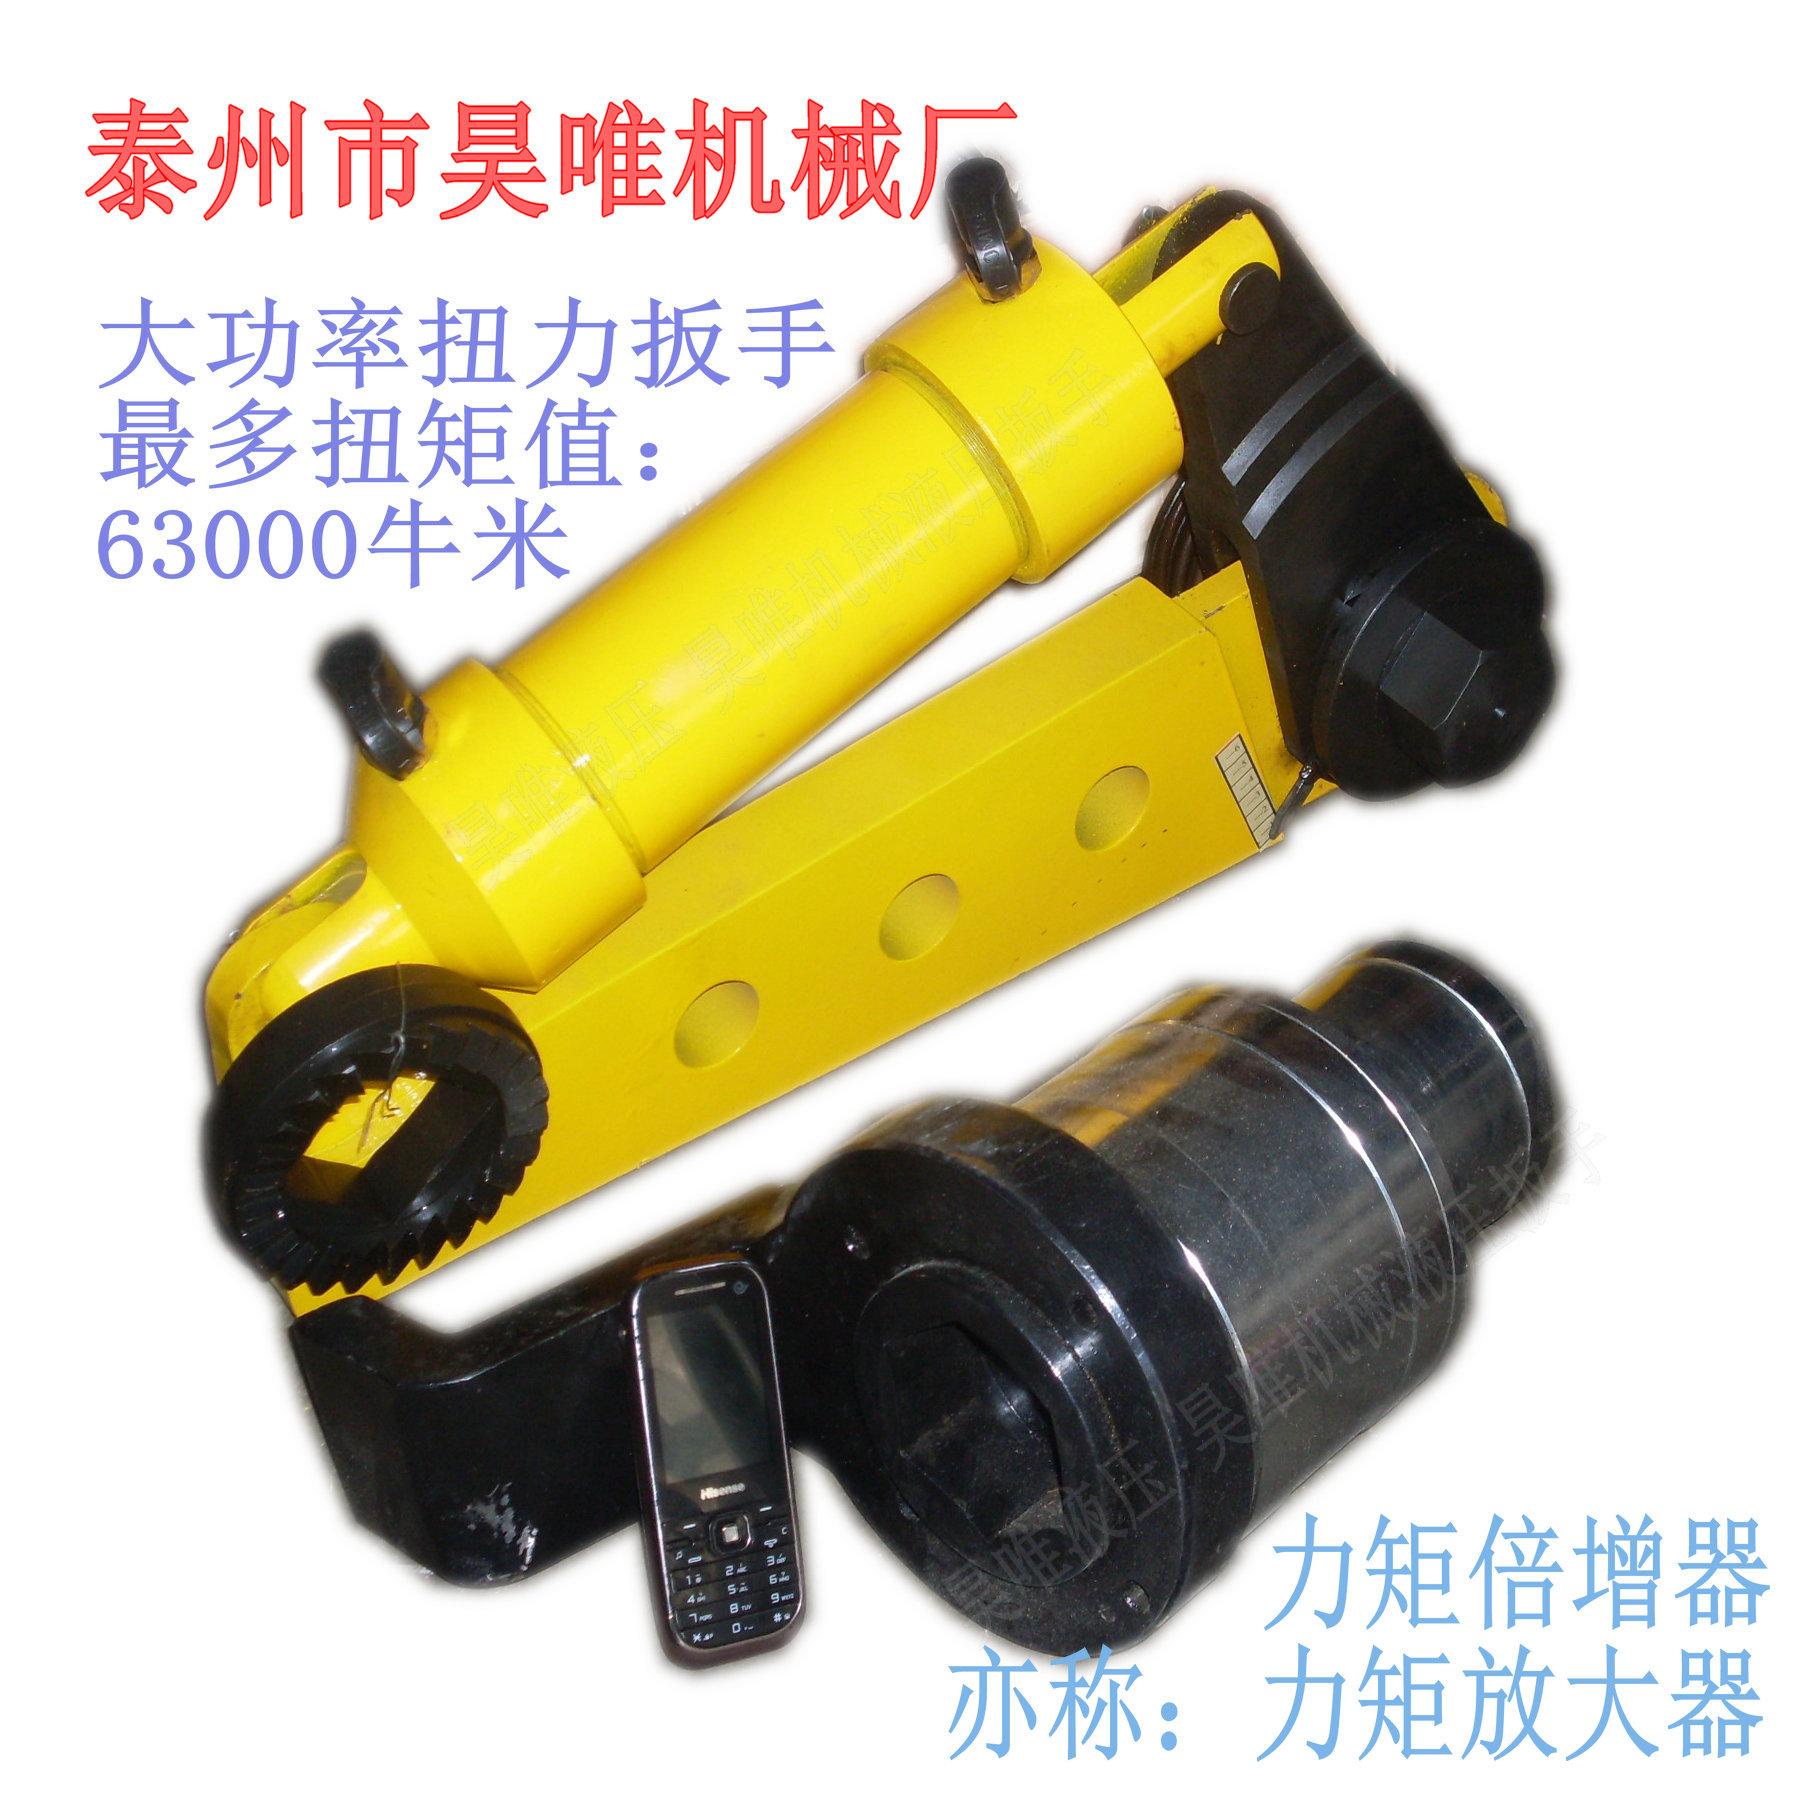 扭力扳手 YK型中空液压扳手 泰州昊唯专业制造